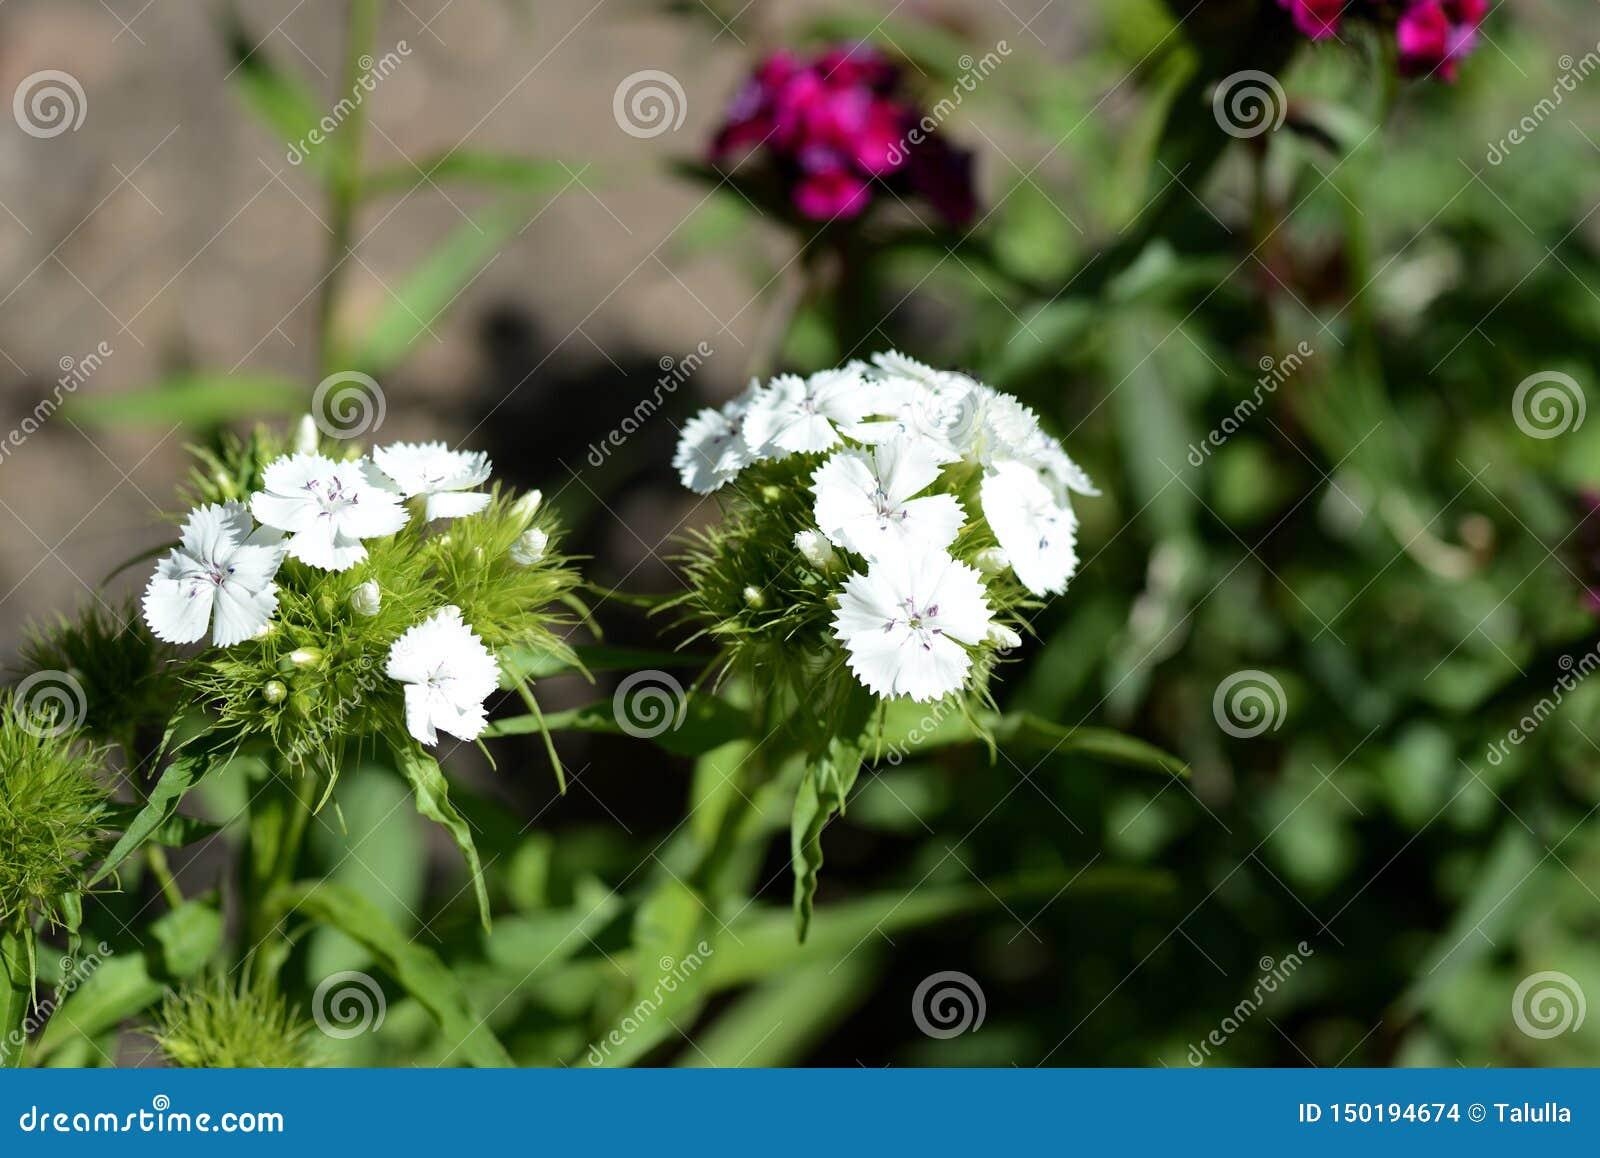 Barbatus dulce hermoso del clavel de las flores de Guillermo en el jardín